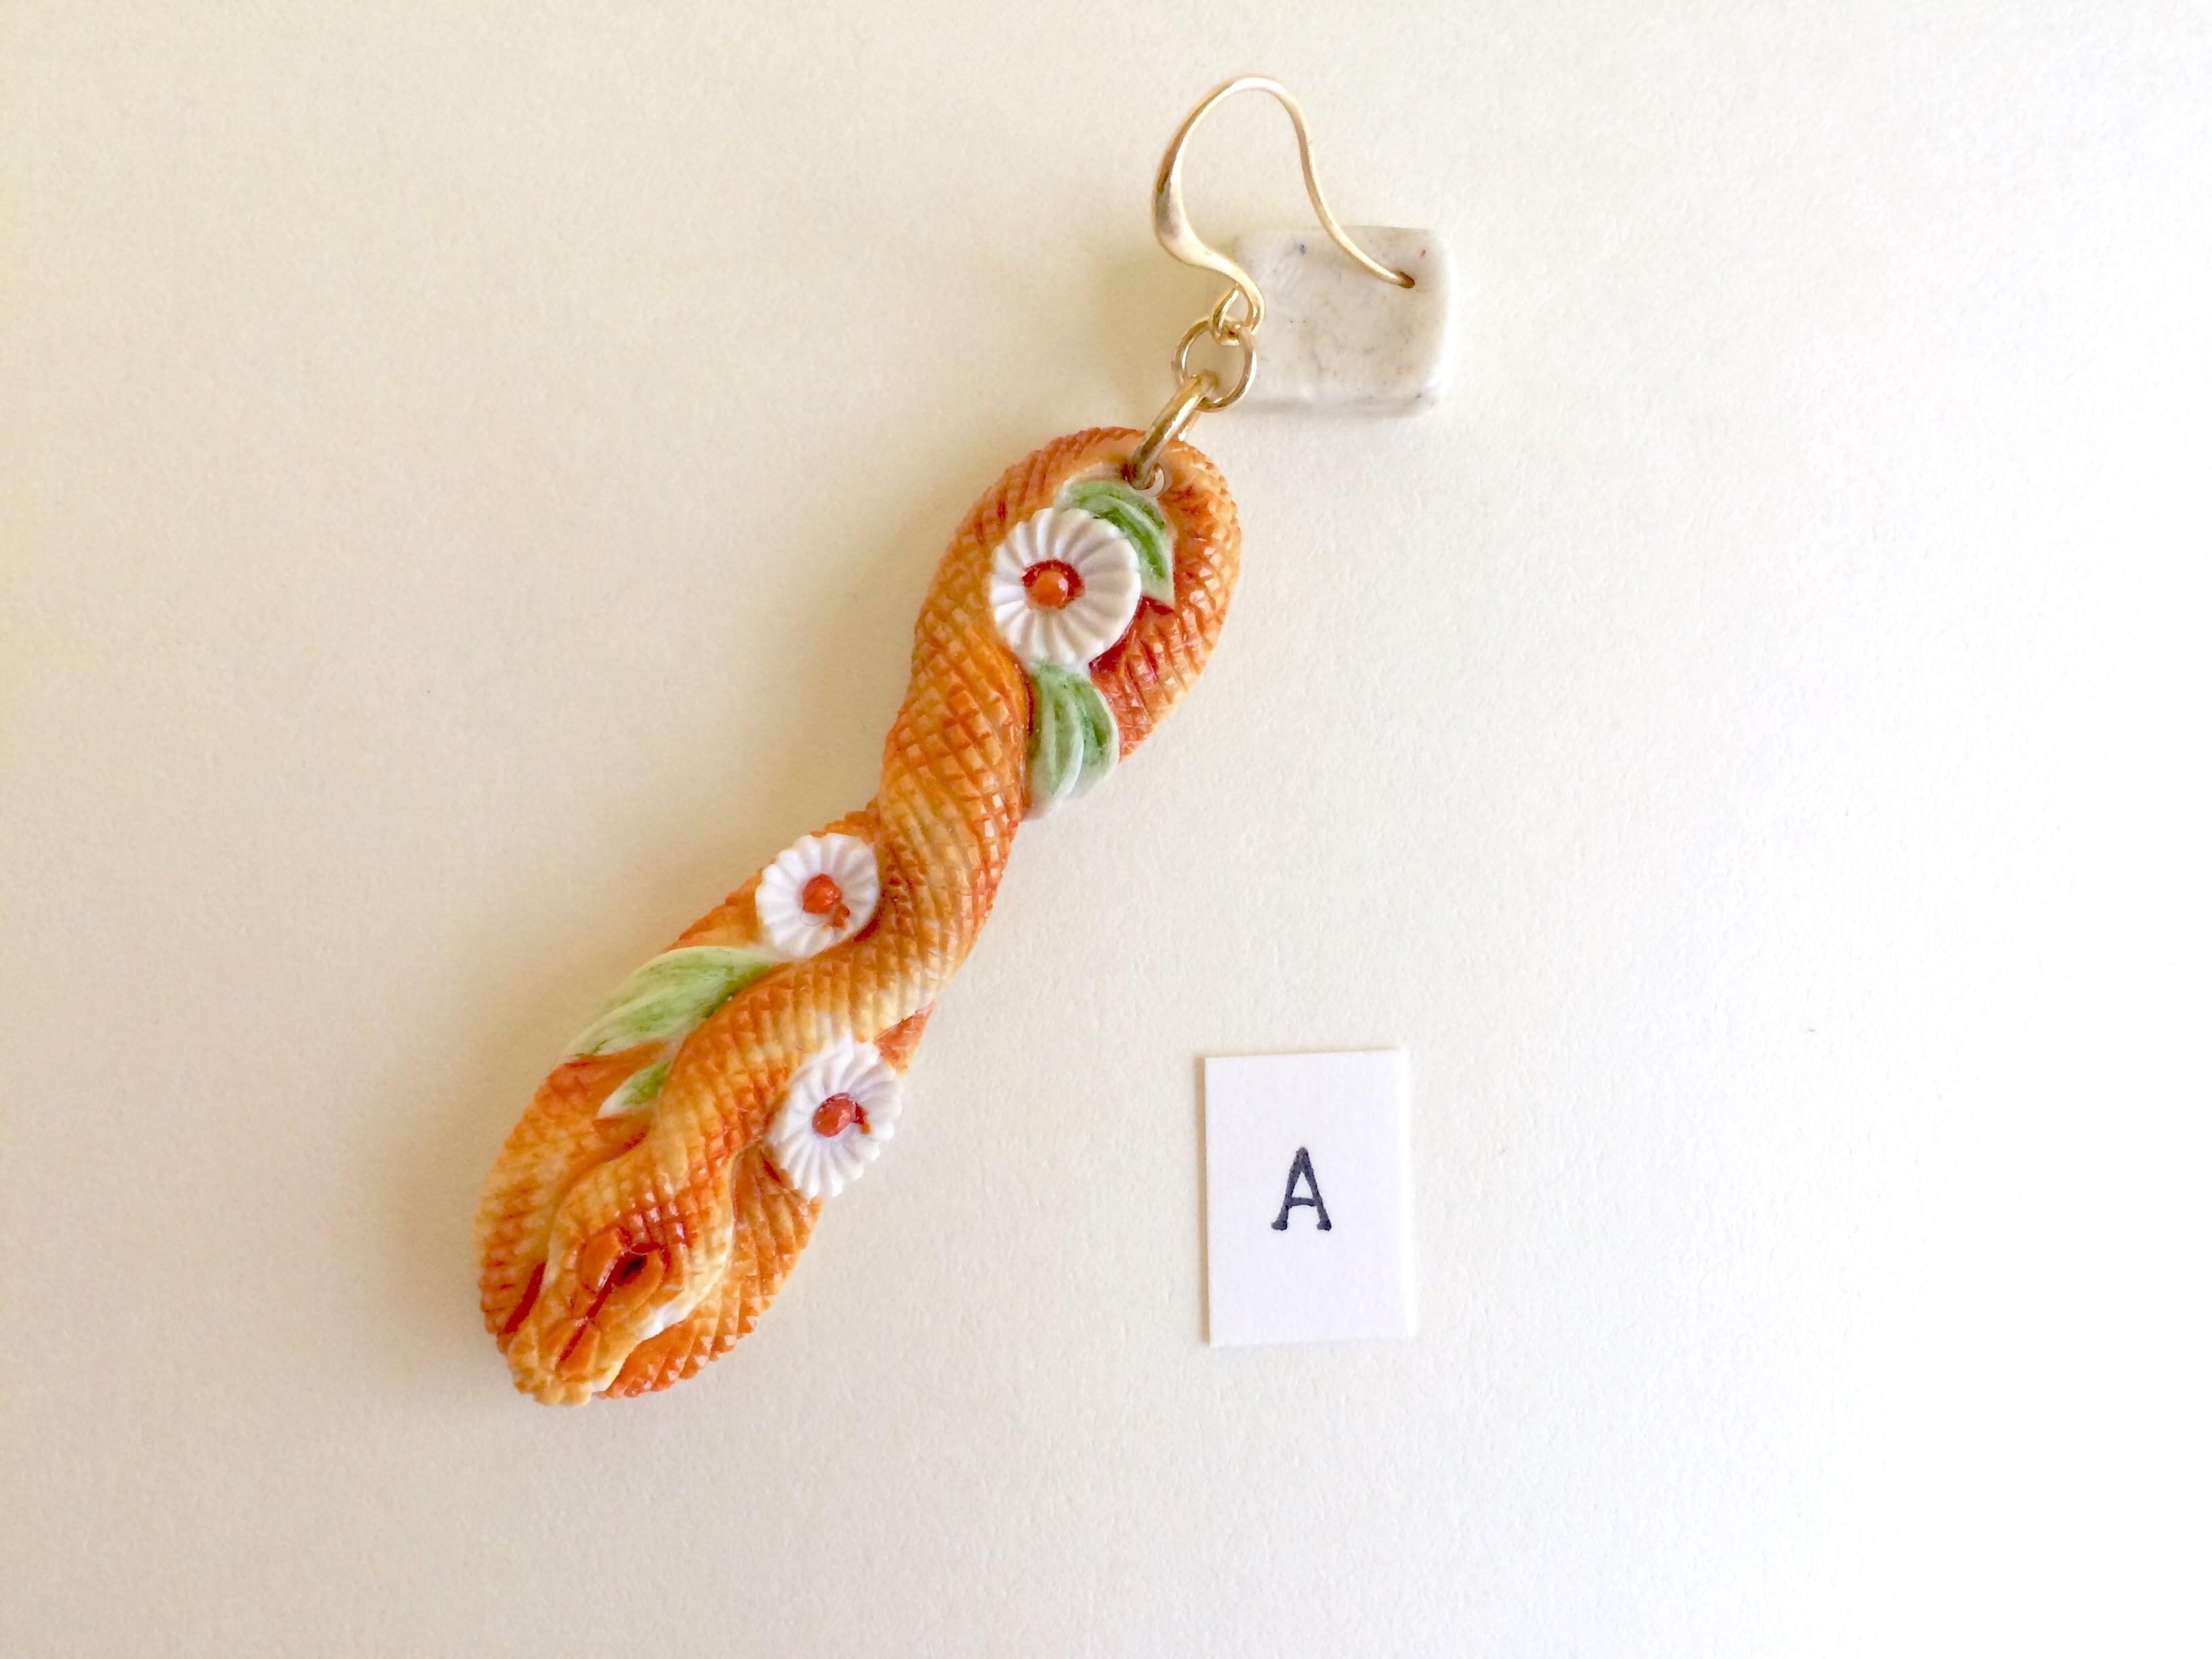 鹿角彫刻のピアス(蛇と菊 着彩)片側